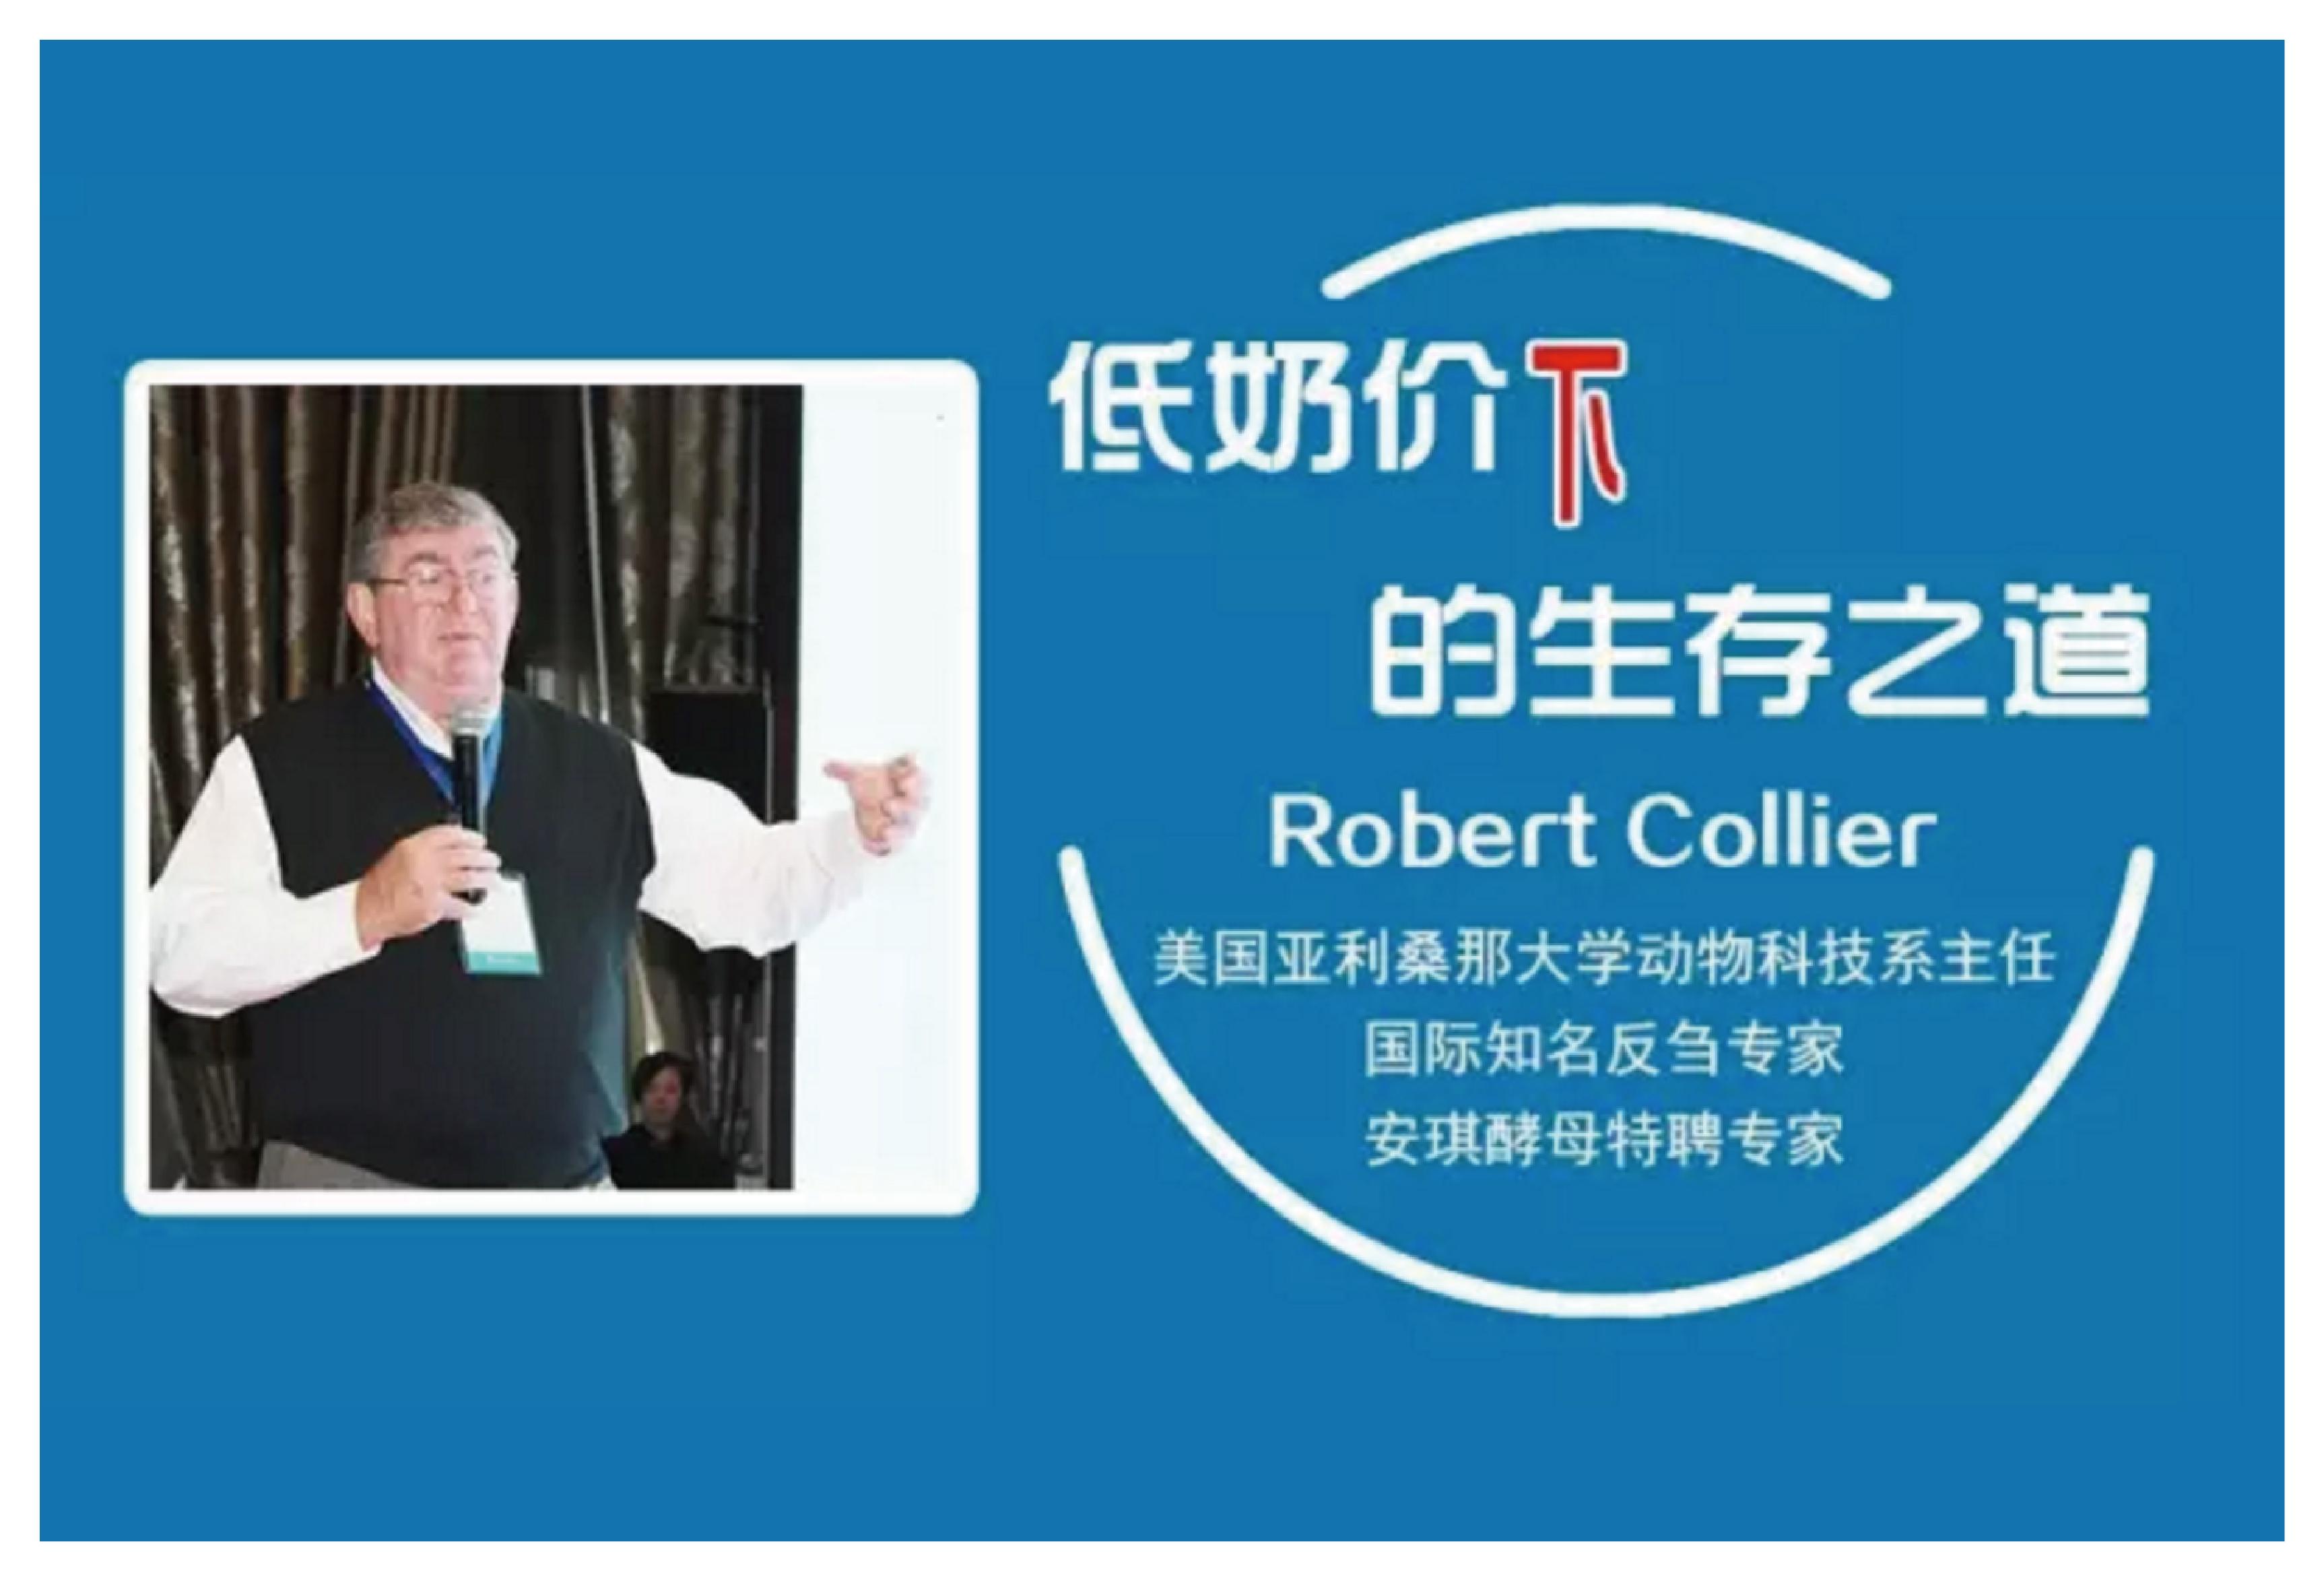 低奶价下的生存之道——美国知名反刍专家Robert Collier